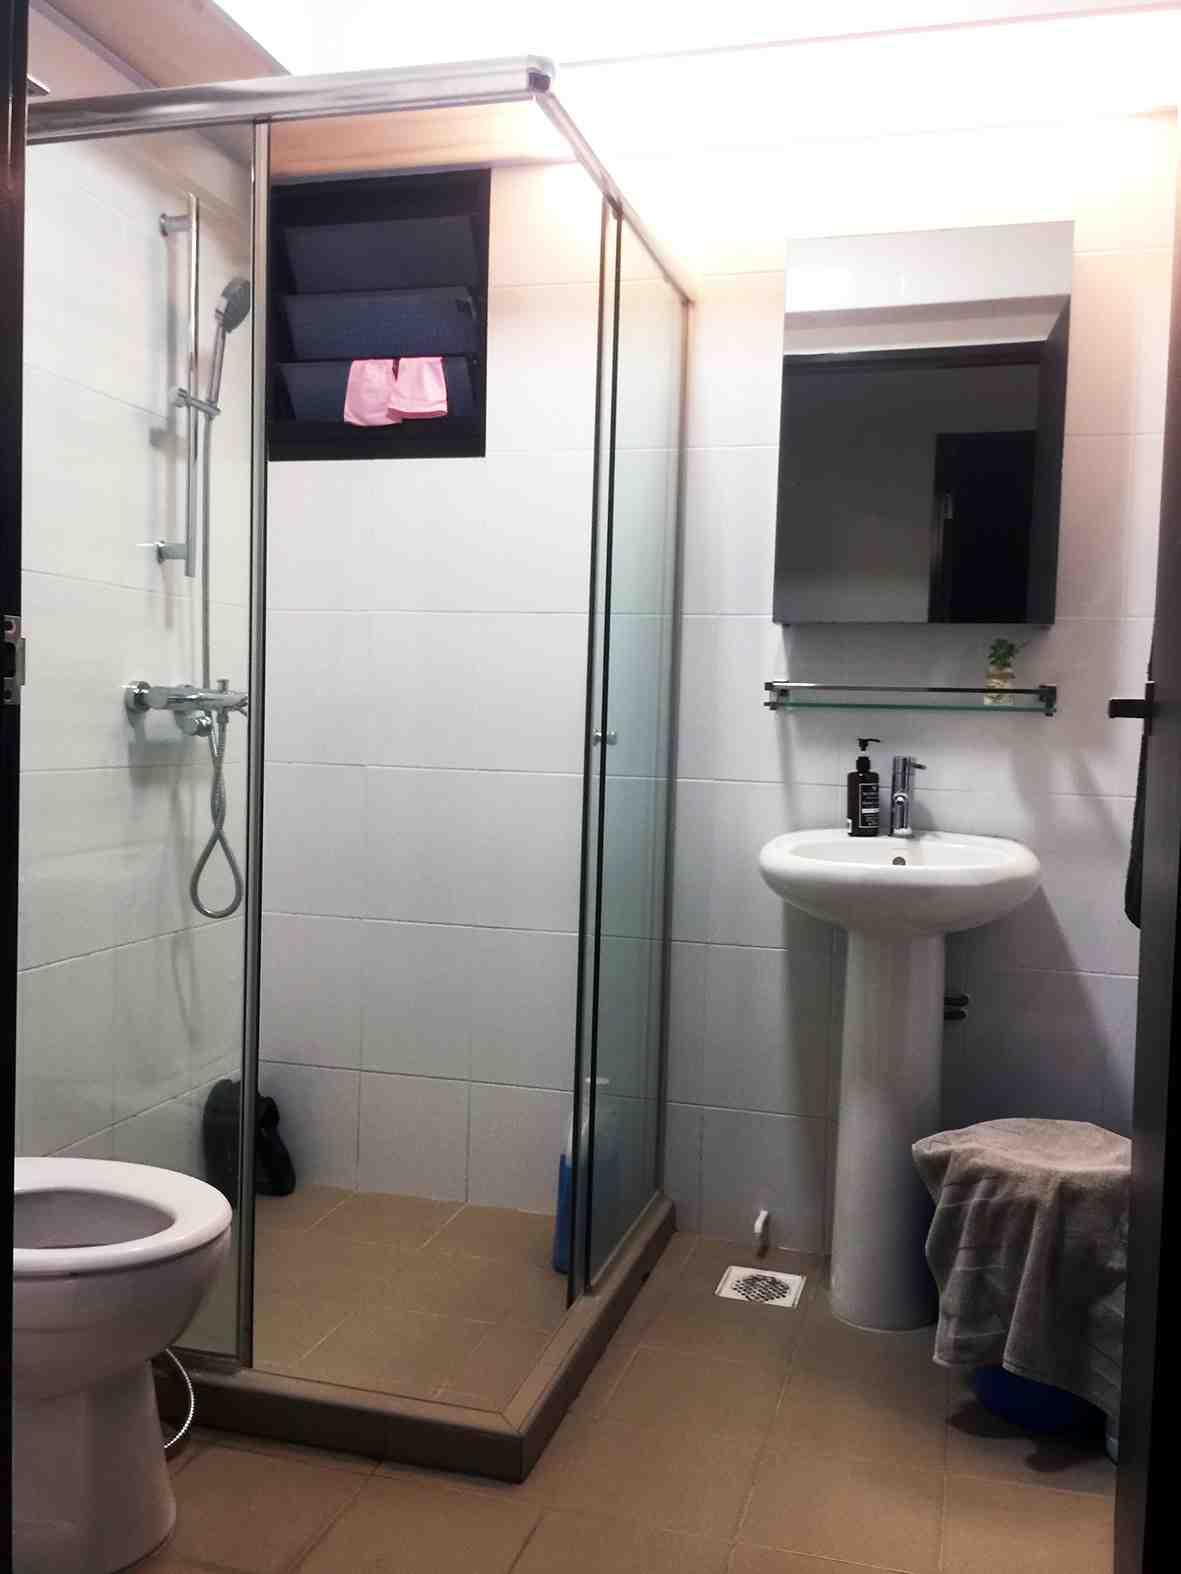 007 common bathroom